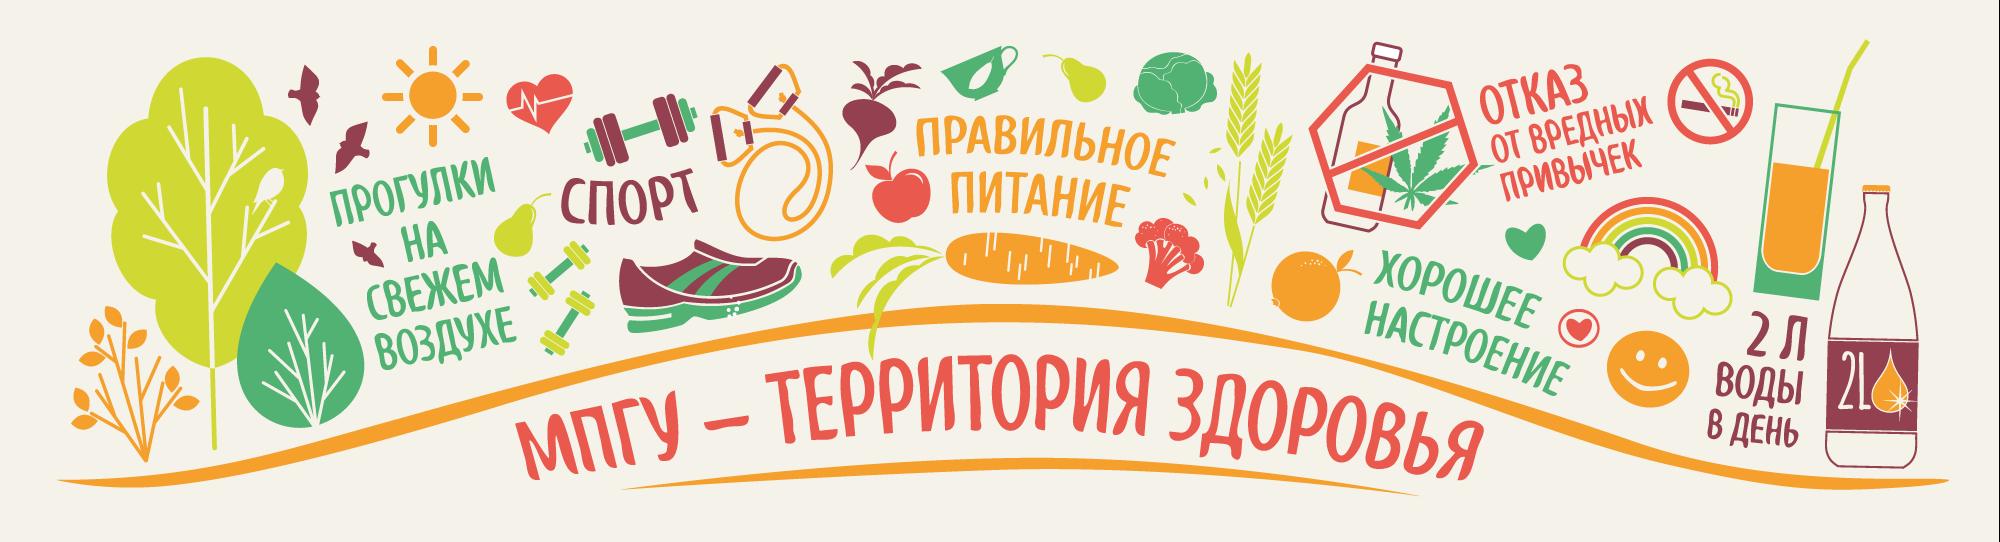 mpgu-site-big-banner-Zdorovie